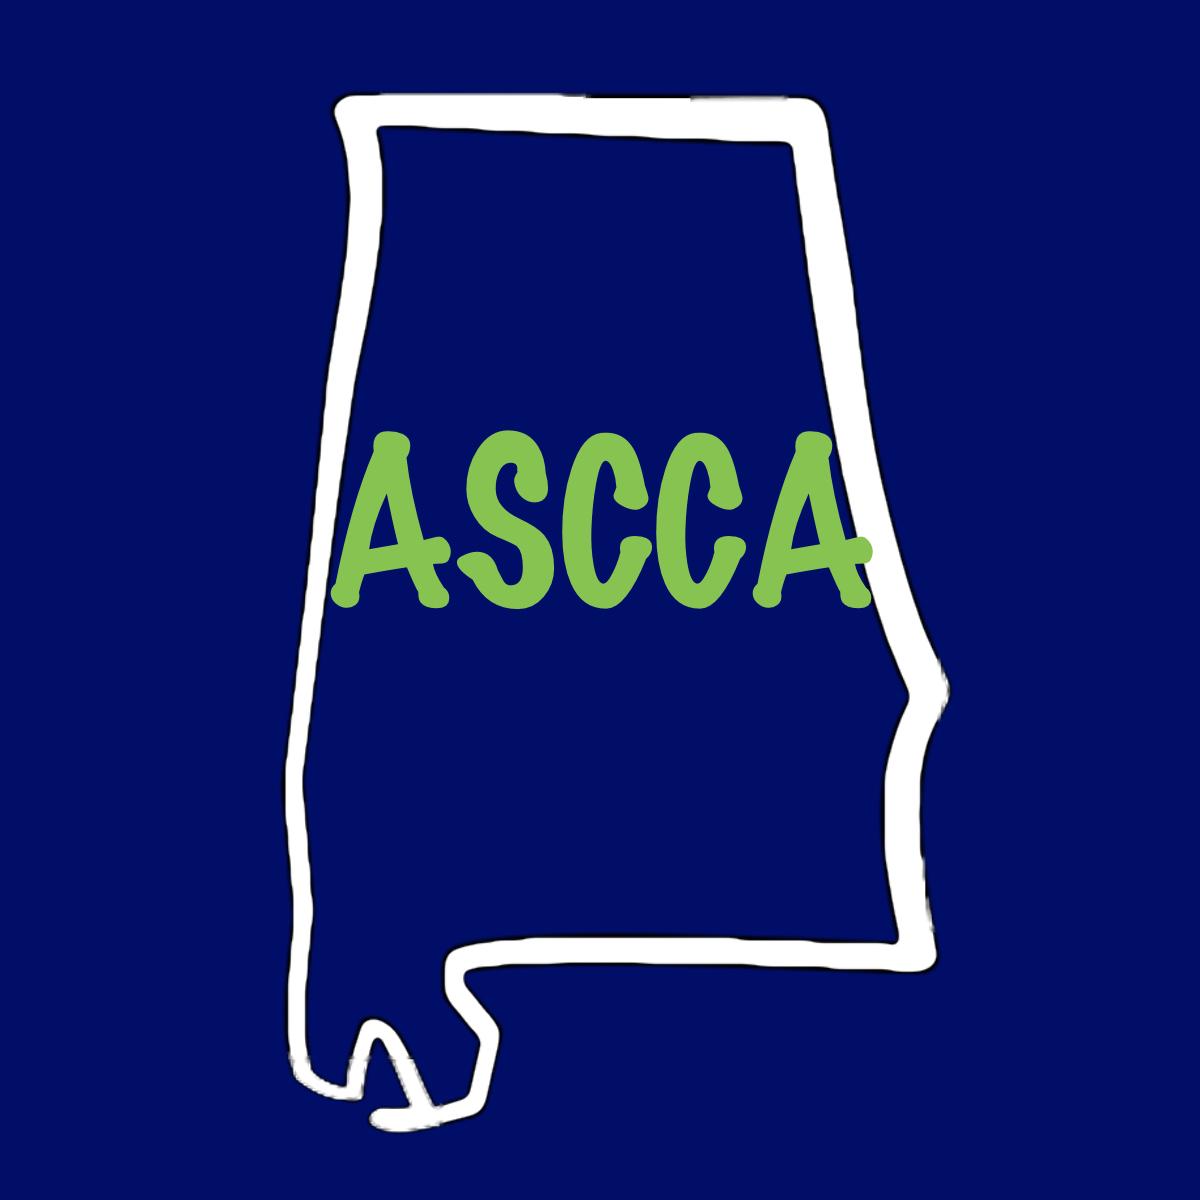 Classic ascca new logo square